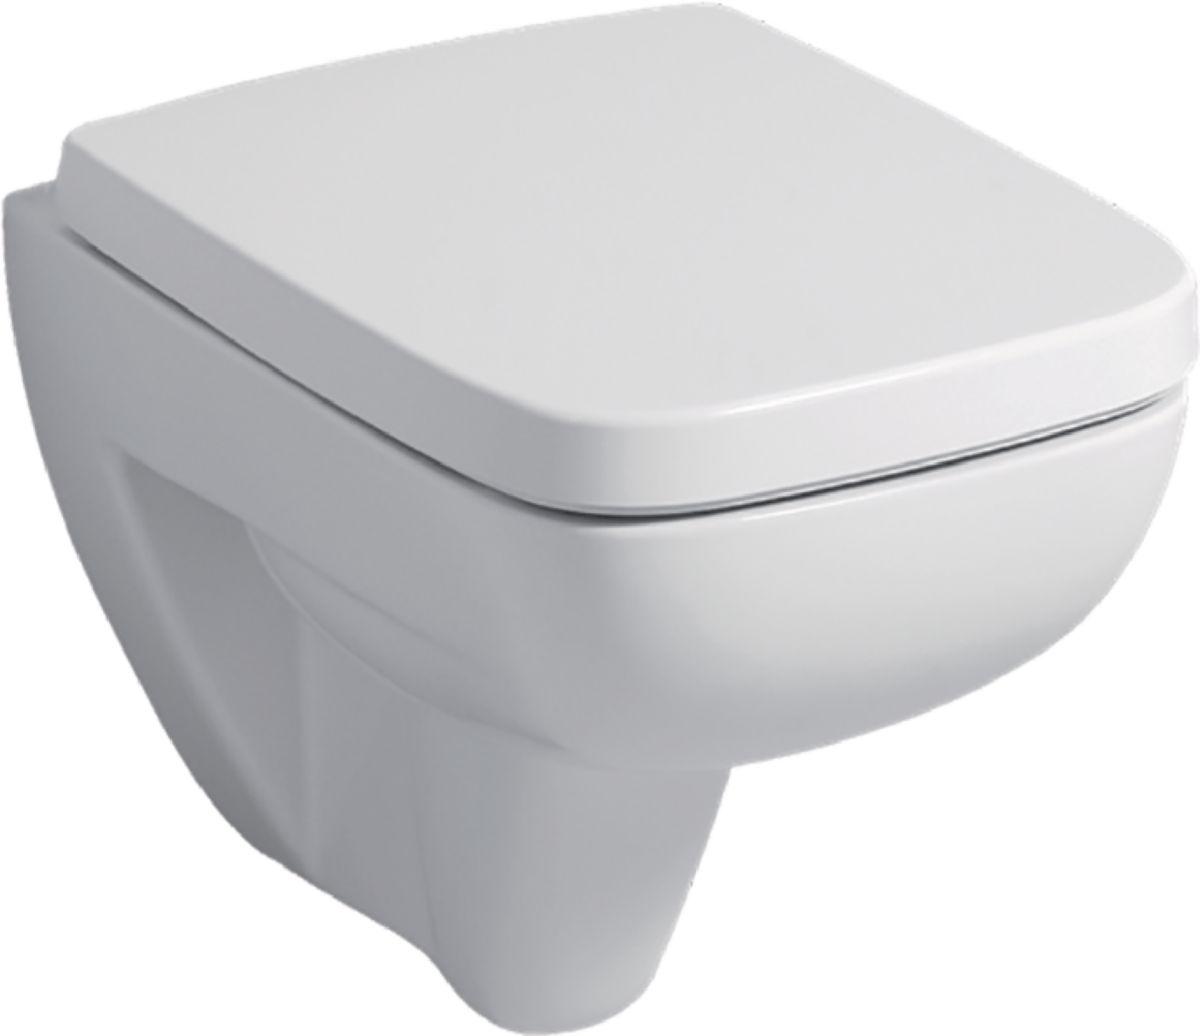 wc suspendu prima style compact abattant frein de chute envie de salle de bain. Black Bedroom Furniture Sets. Home Design Ideas